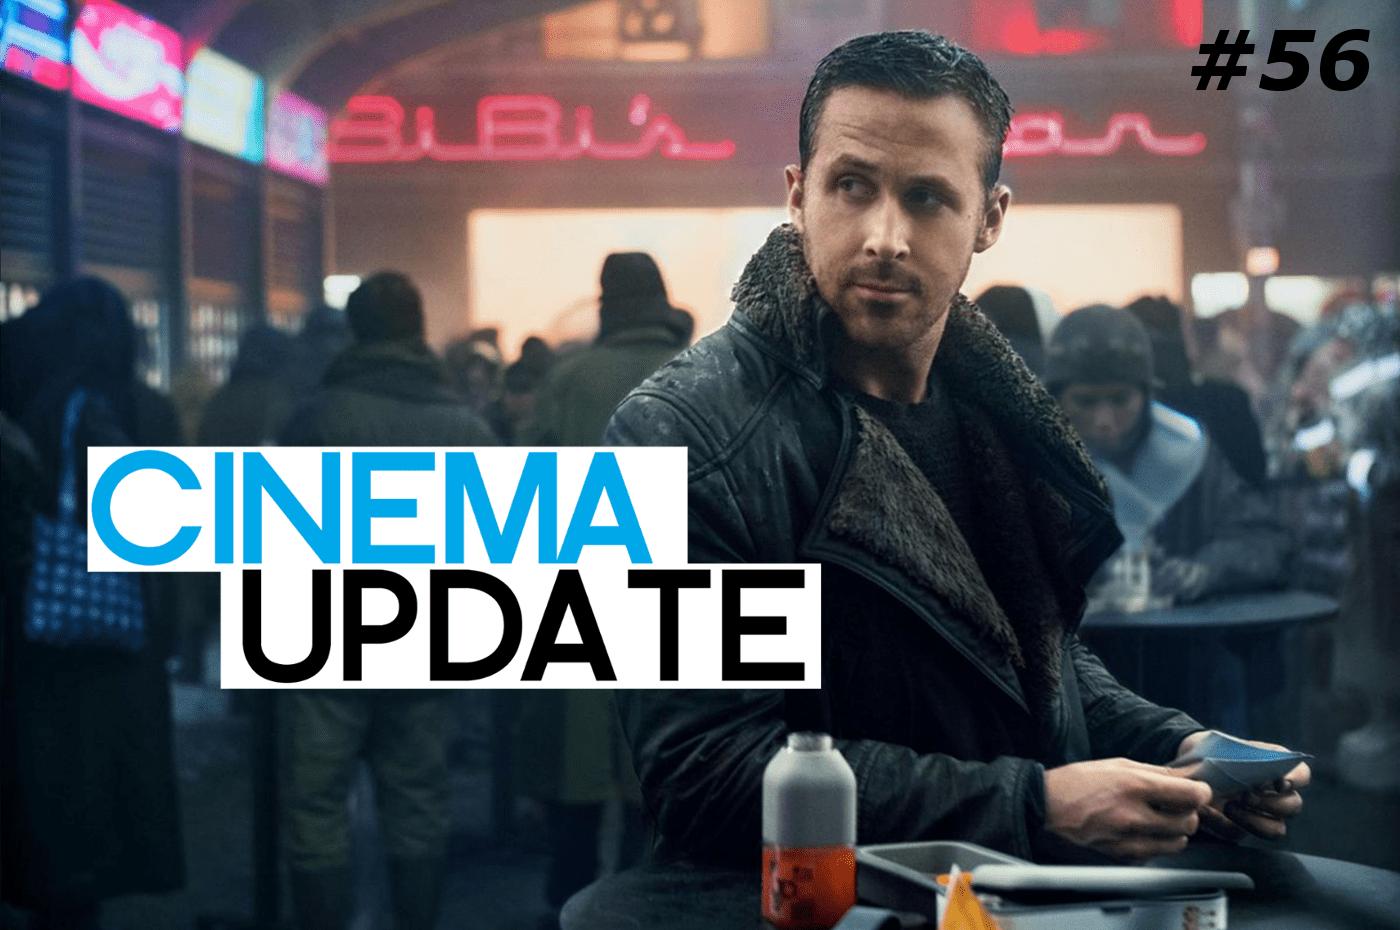 Cinema Update #56 – Hellboy Reboot, Deadpool Serie, Facebook Shows & Blade Runner 2049